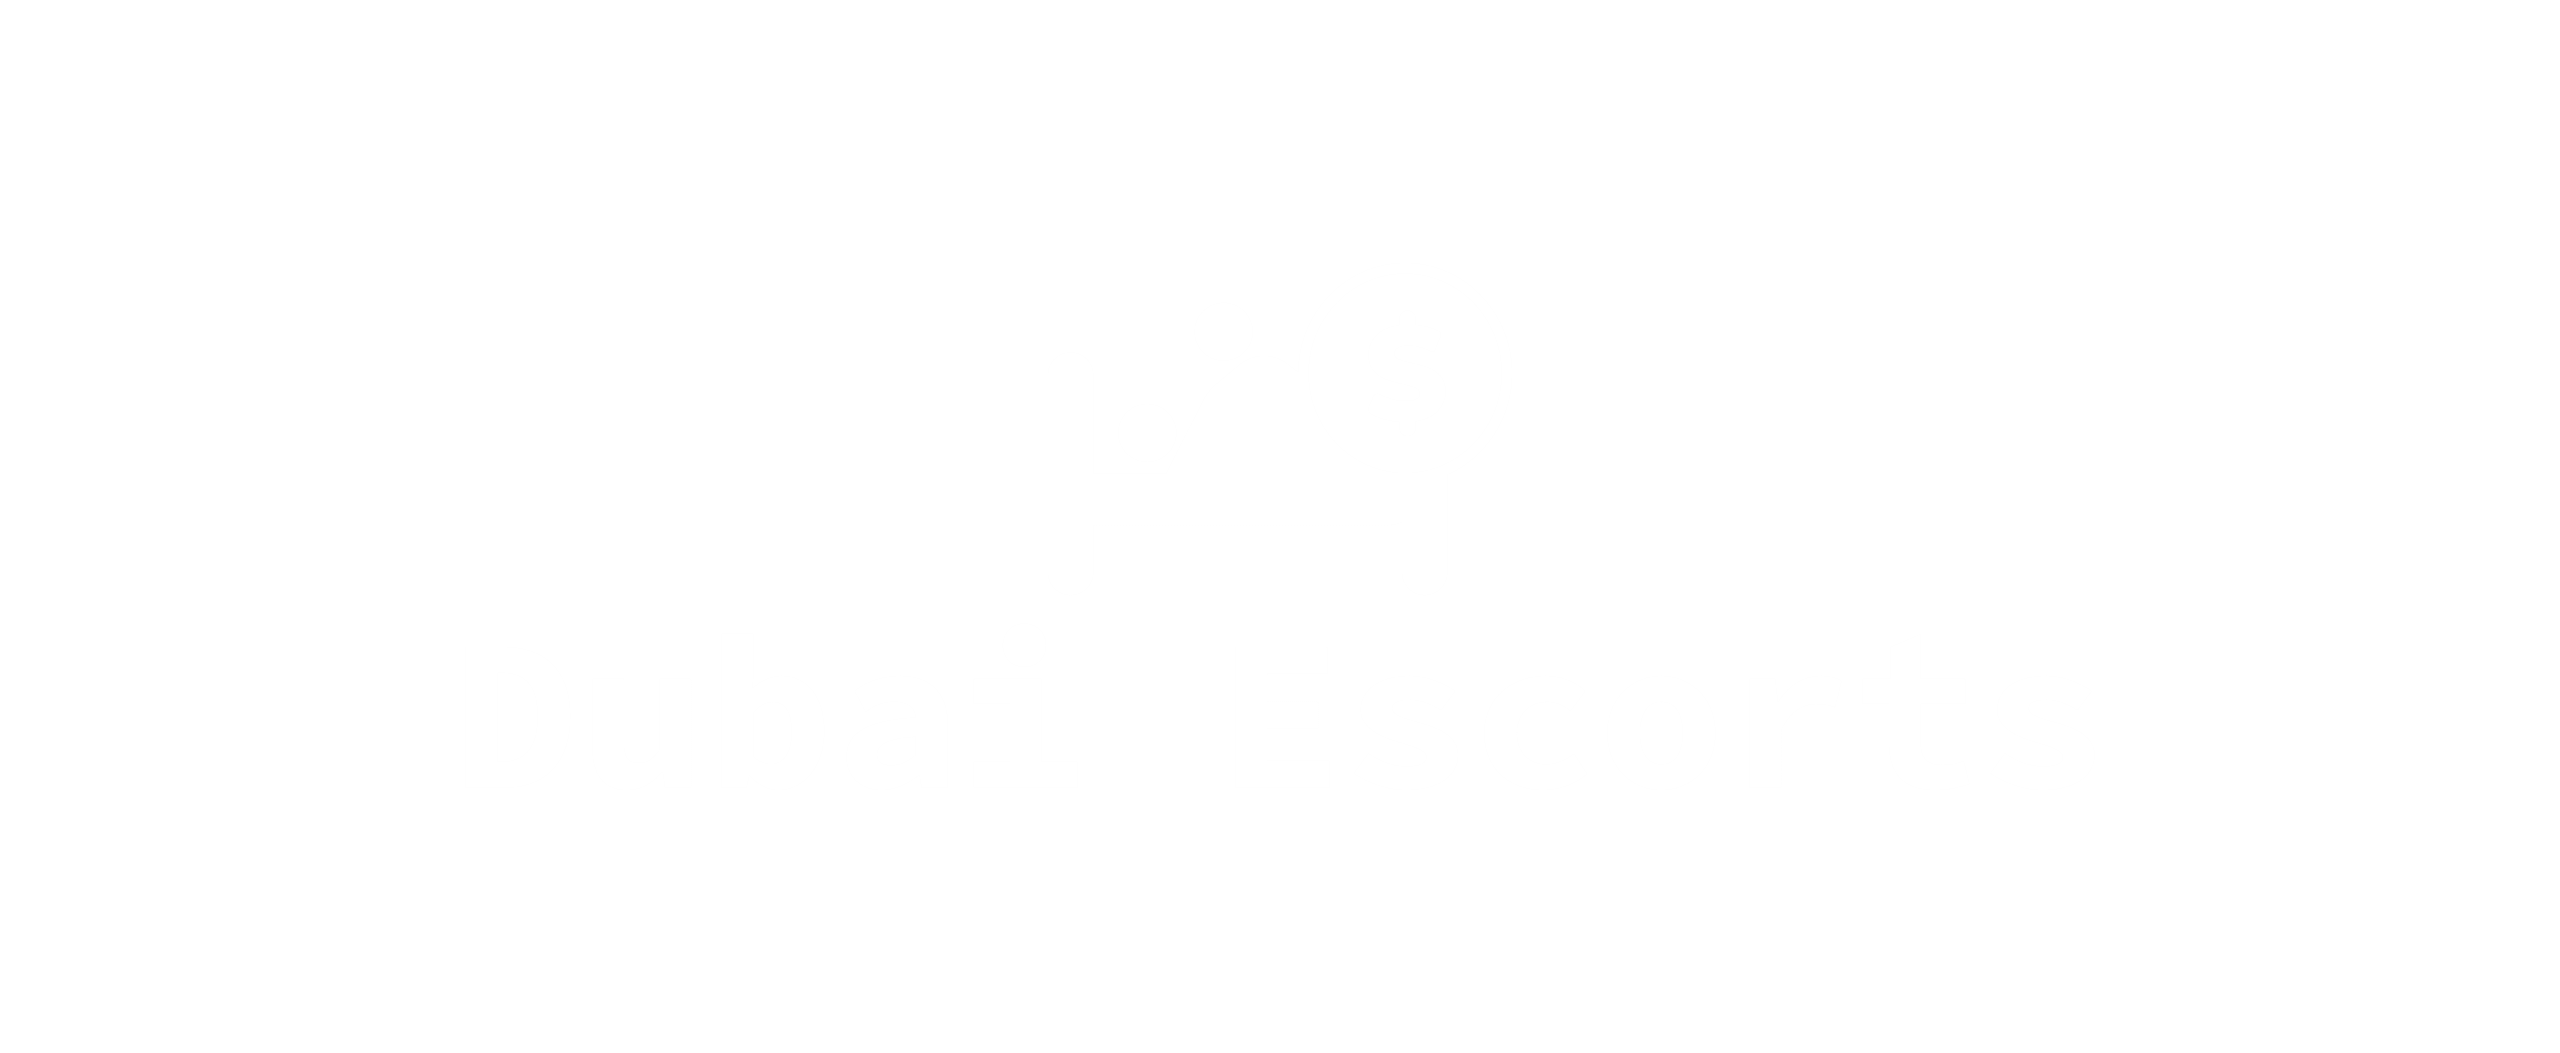 dubai escort logo